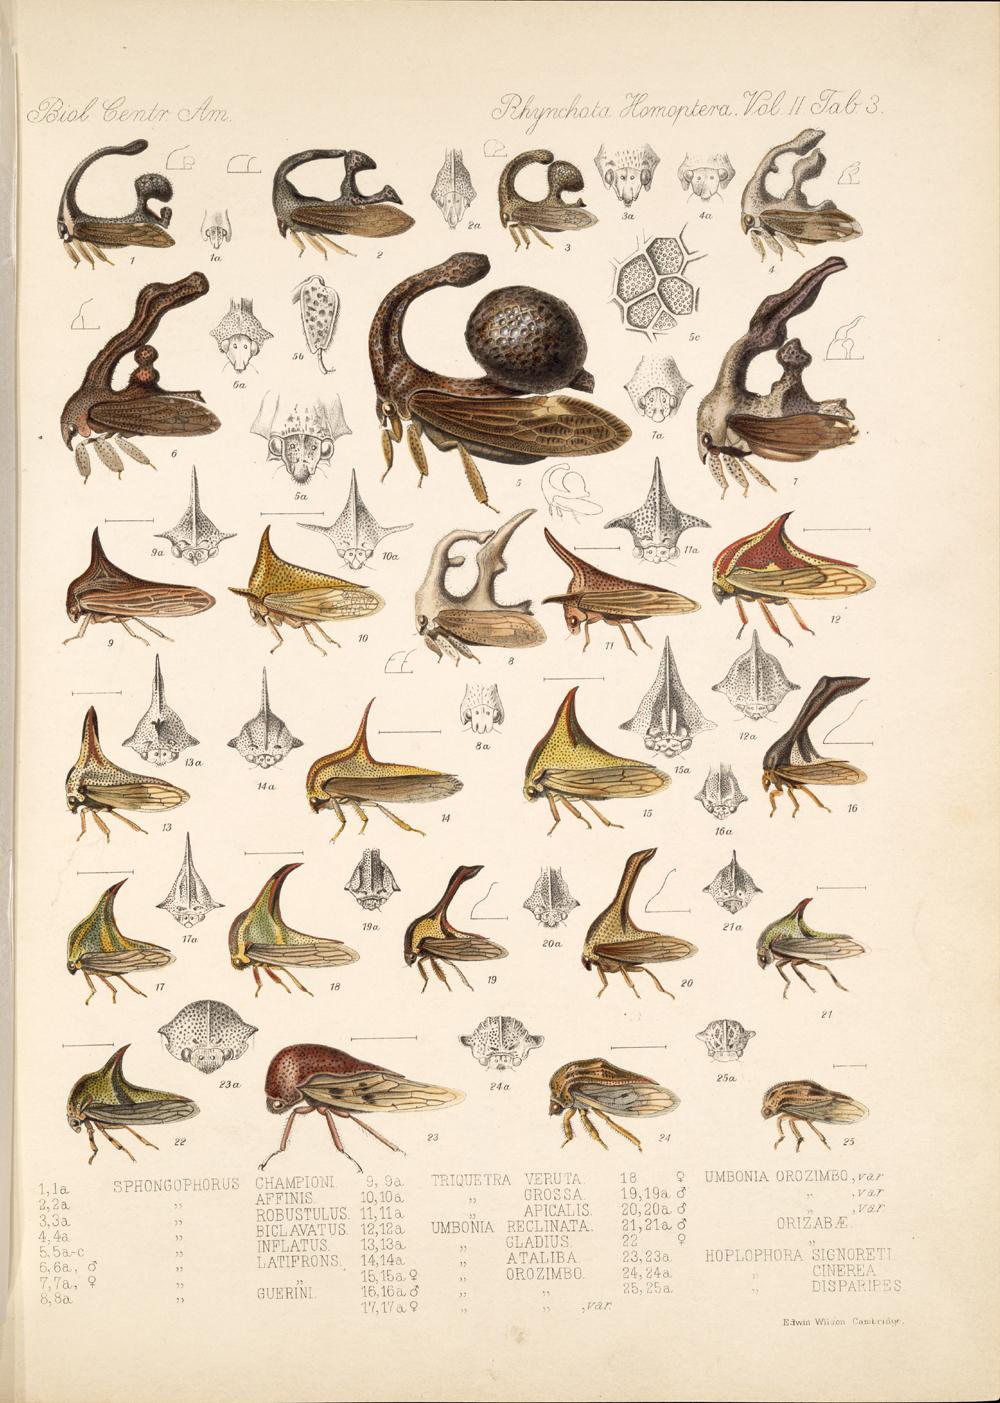 Горбатки полужесткокрылые